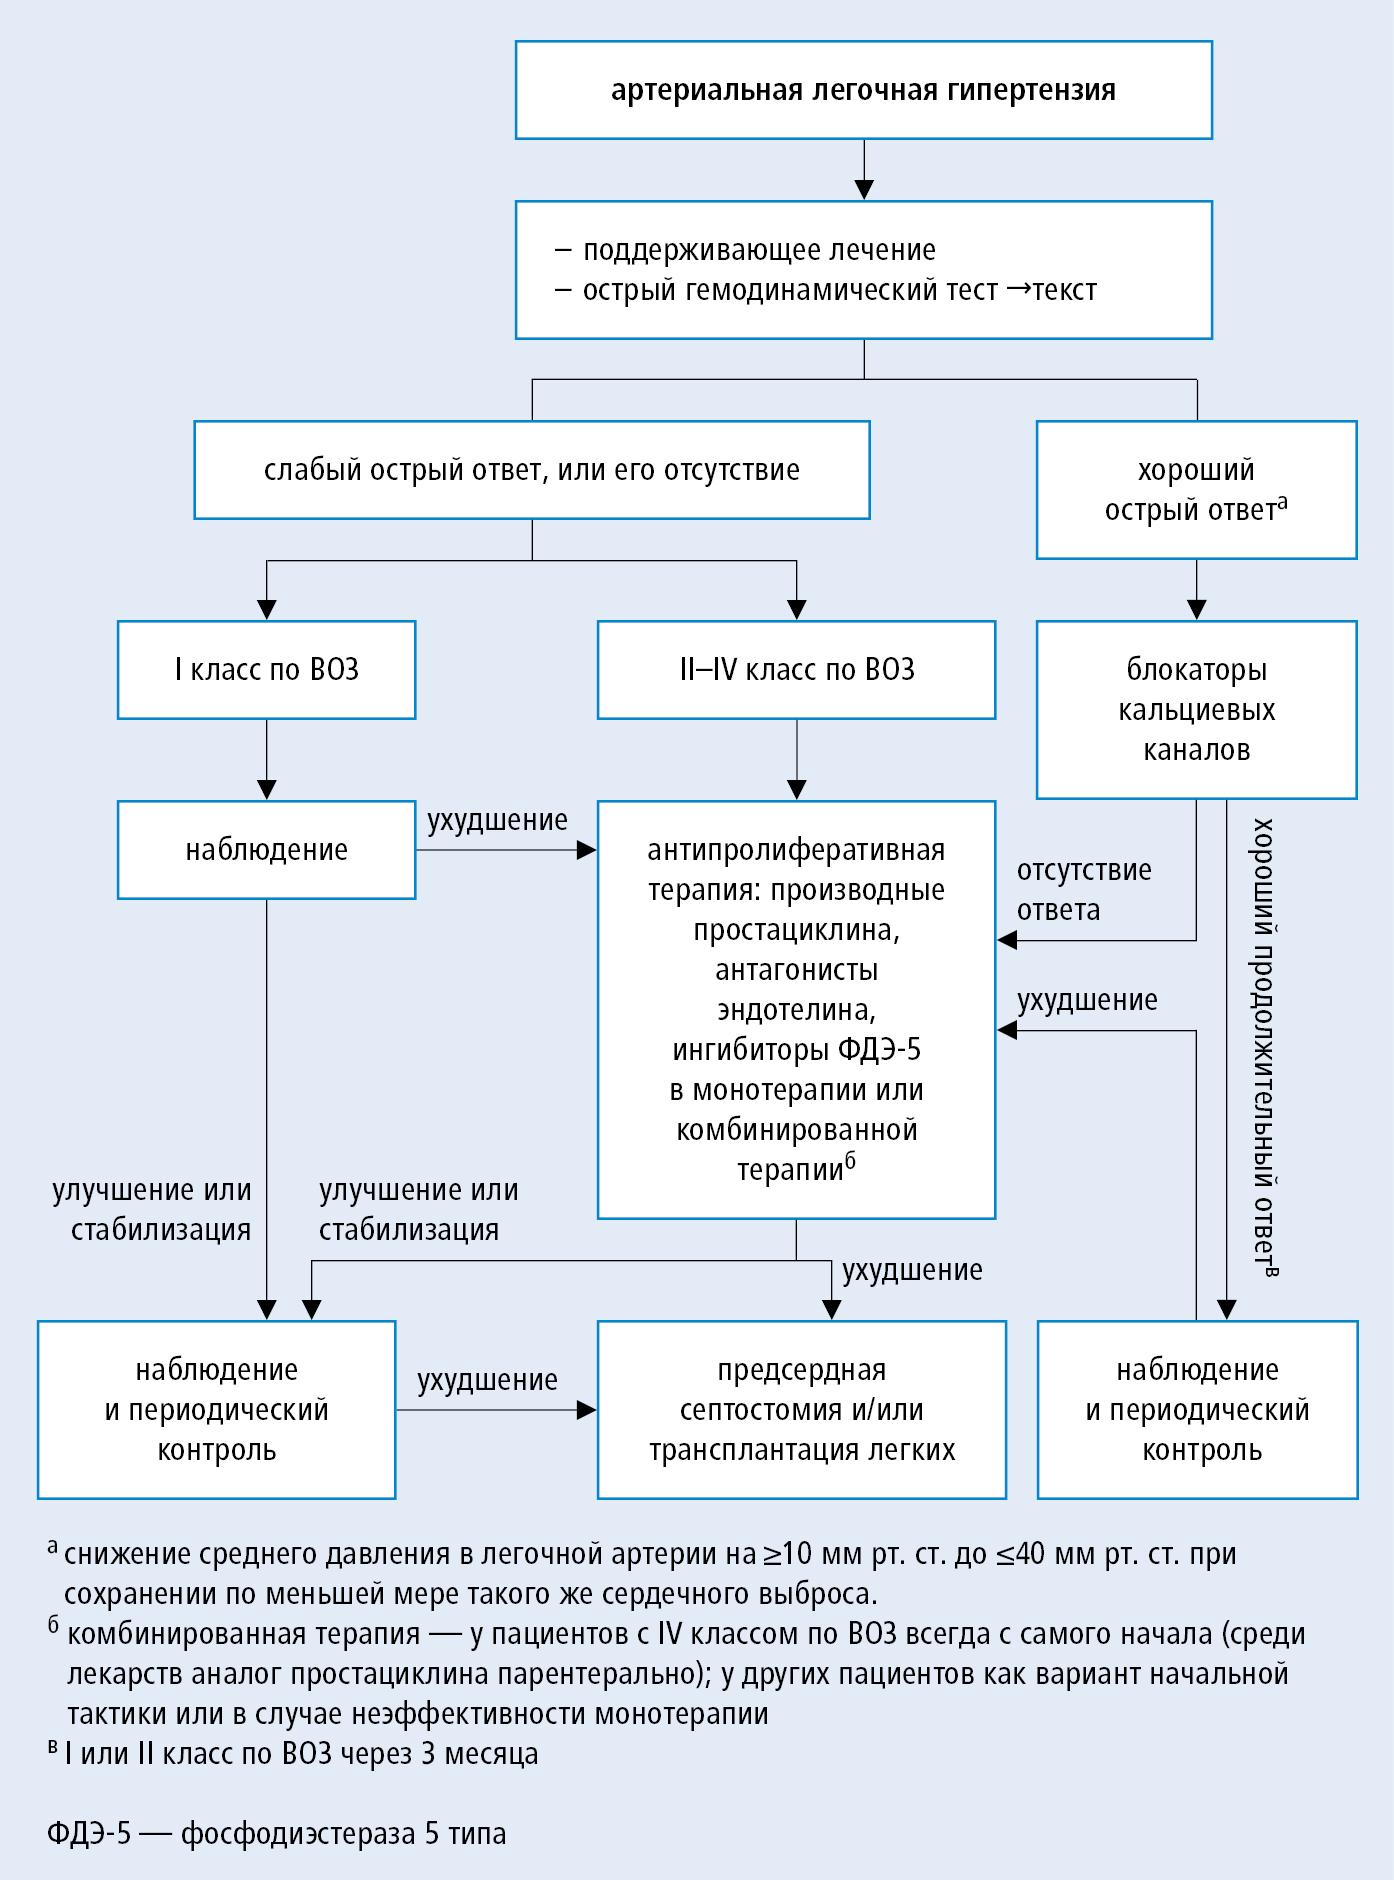 Алгоритм терапевтической тактики у пациента с артериальной легочной гипертензией (на основе рекомендаций ESC и ERS 2015, модифицировано)